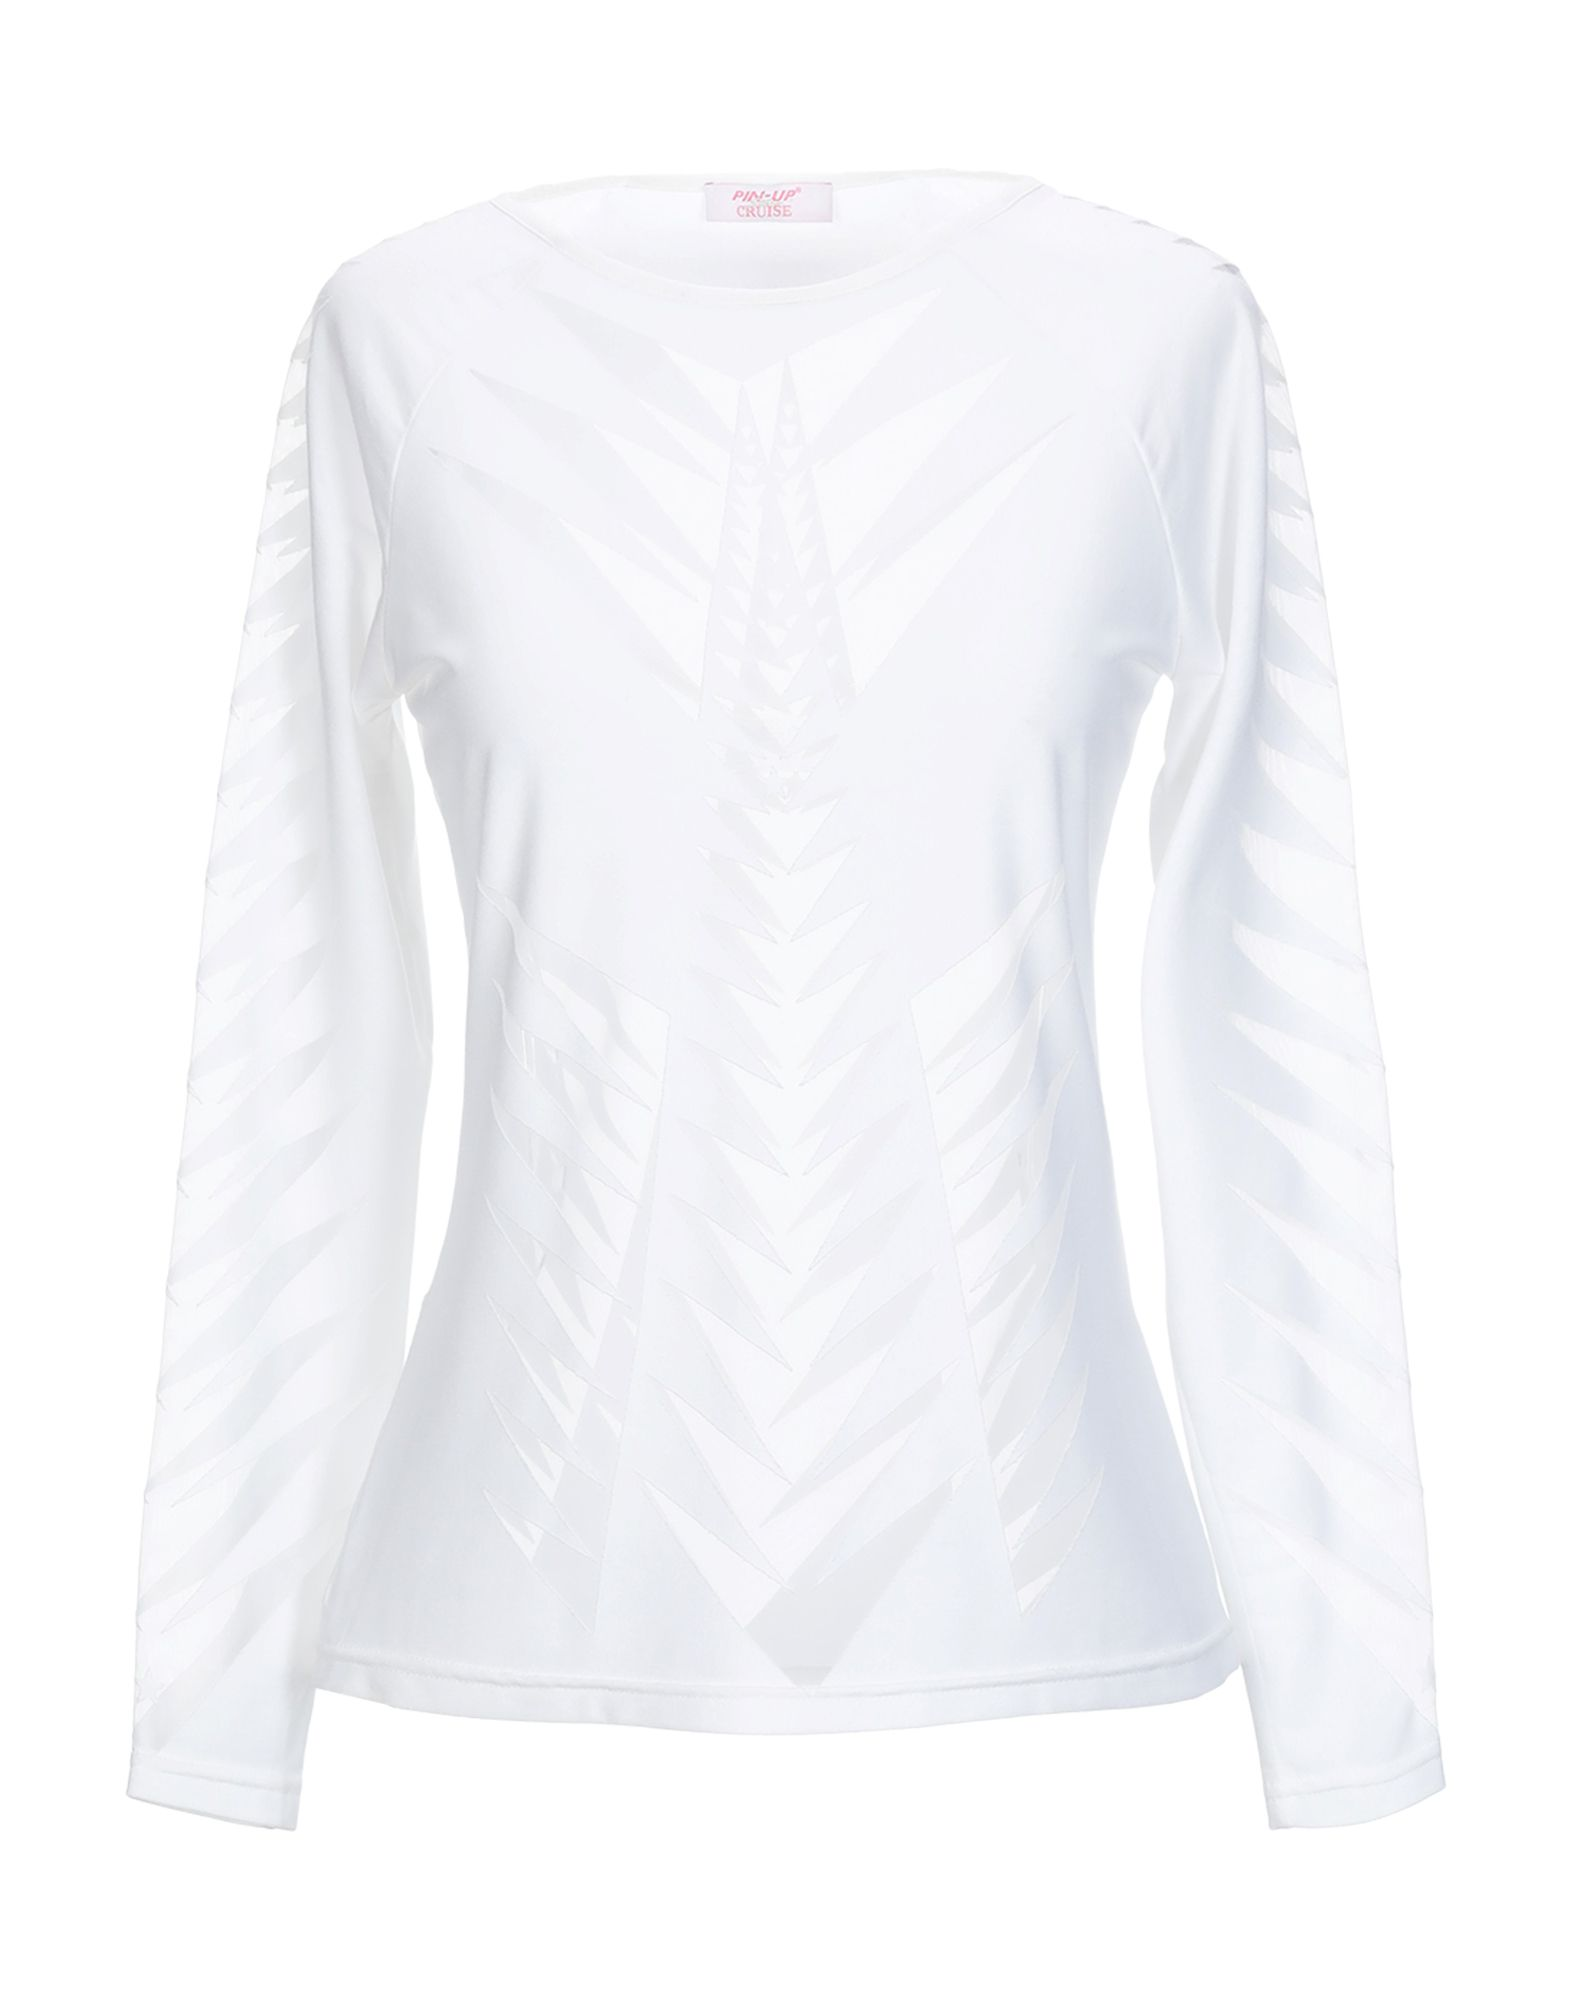 71e297faf549 Модная женская одежда популярных брендов 2019 - TriatlonInfo